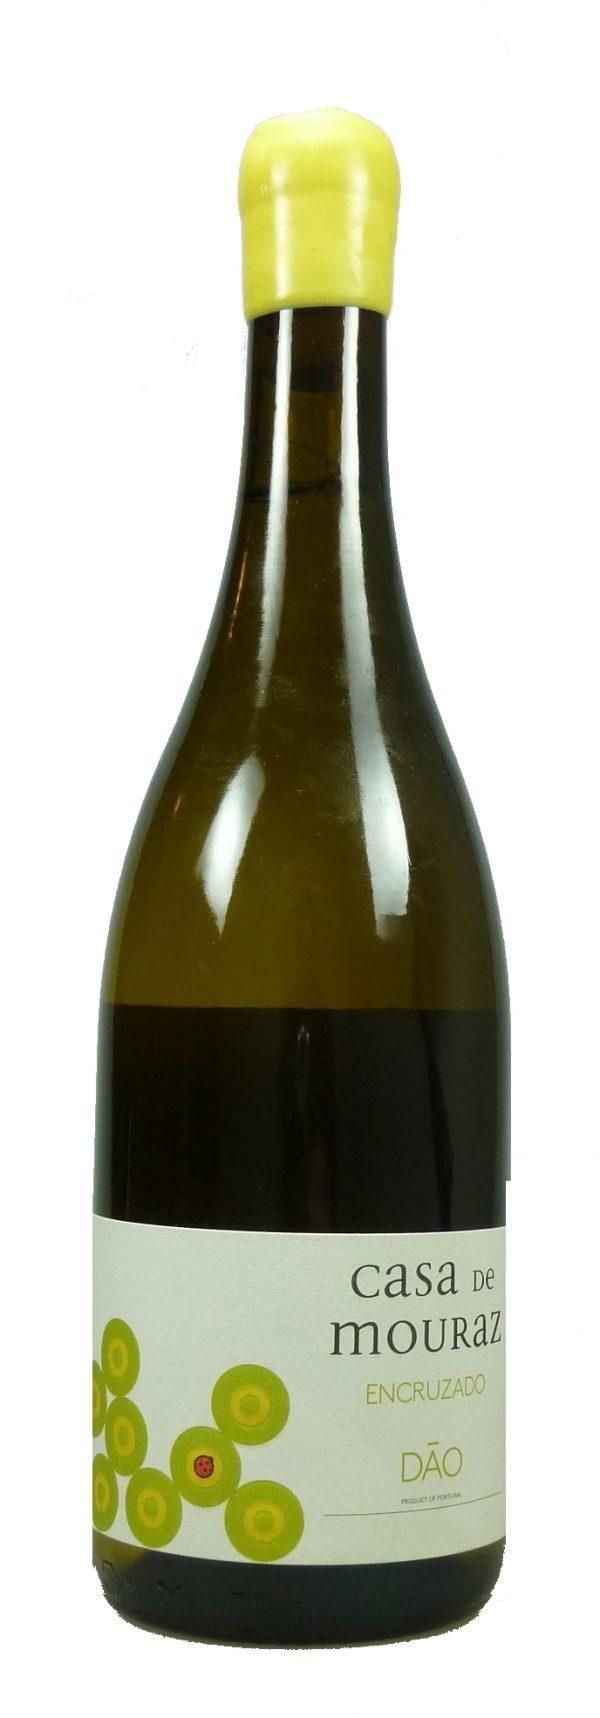 6 Flaschen 2017 Encruzado